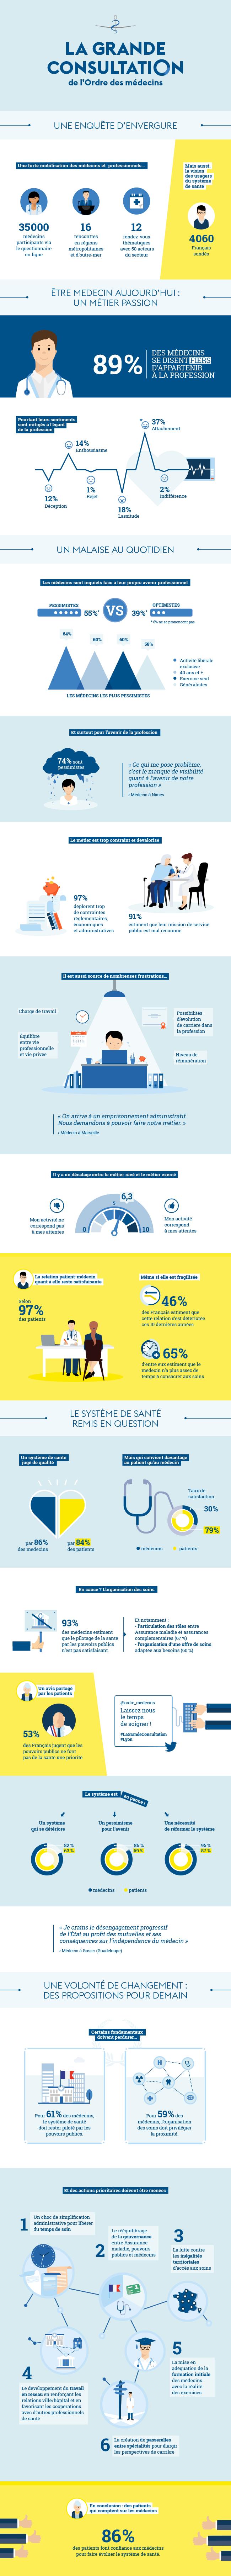 La grande Consultation - CNOM [Infographie]